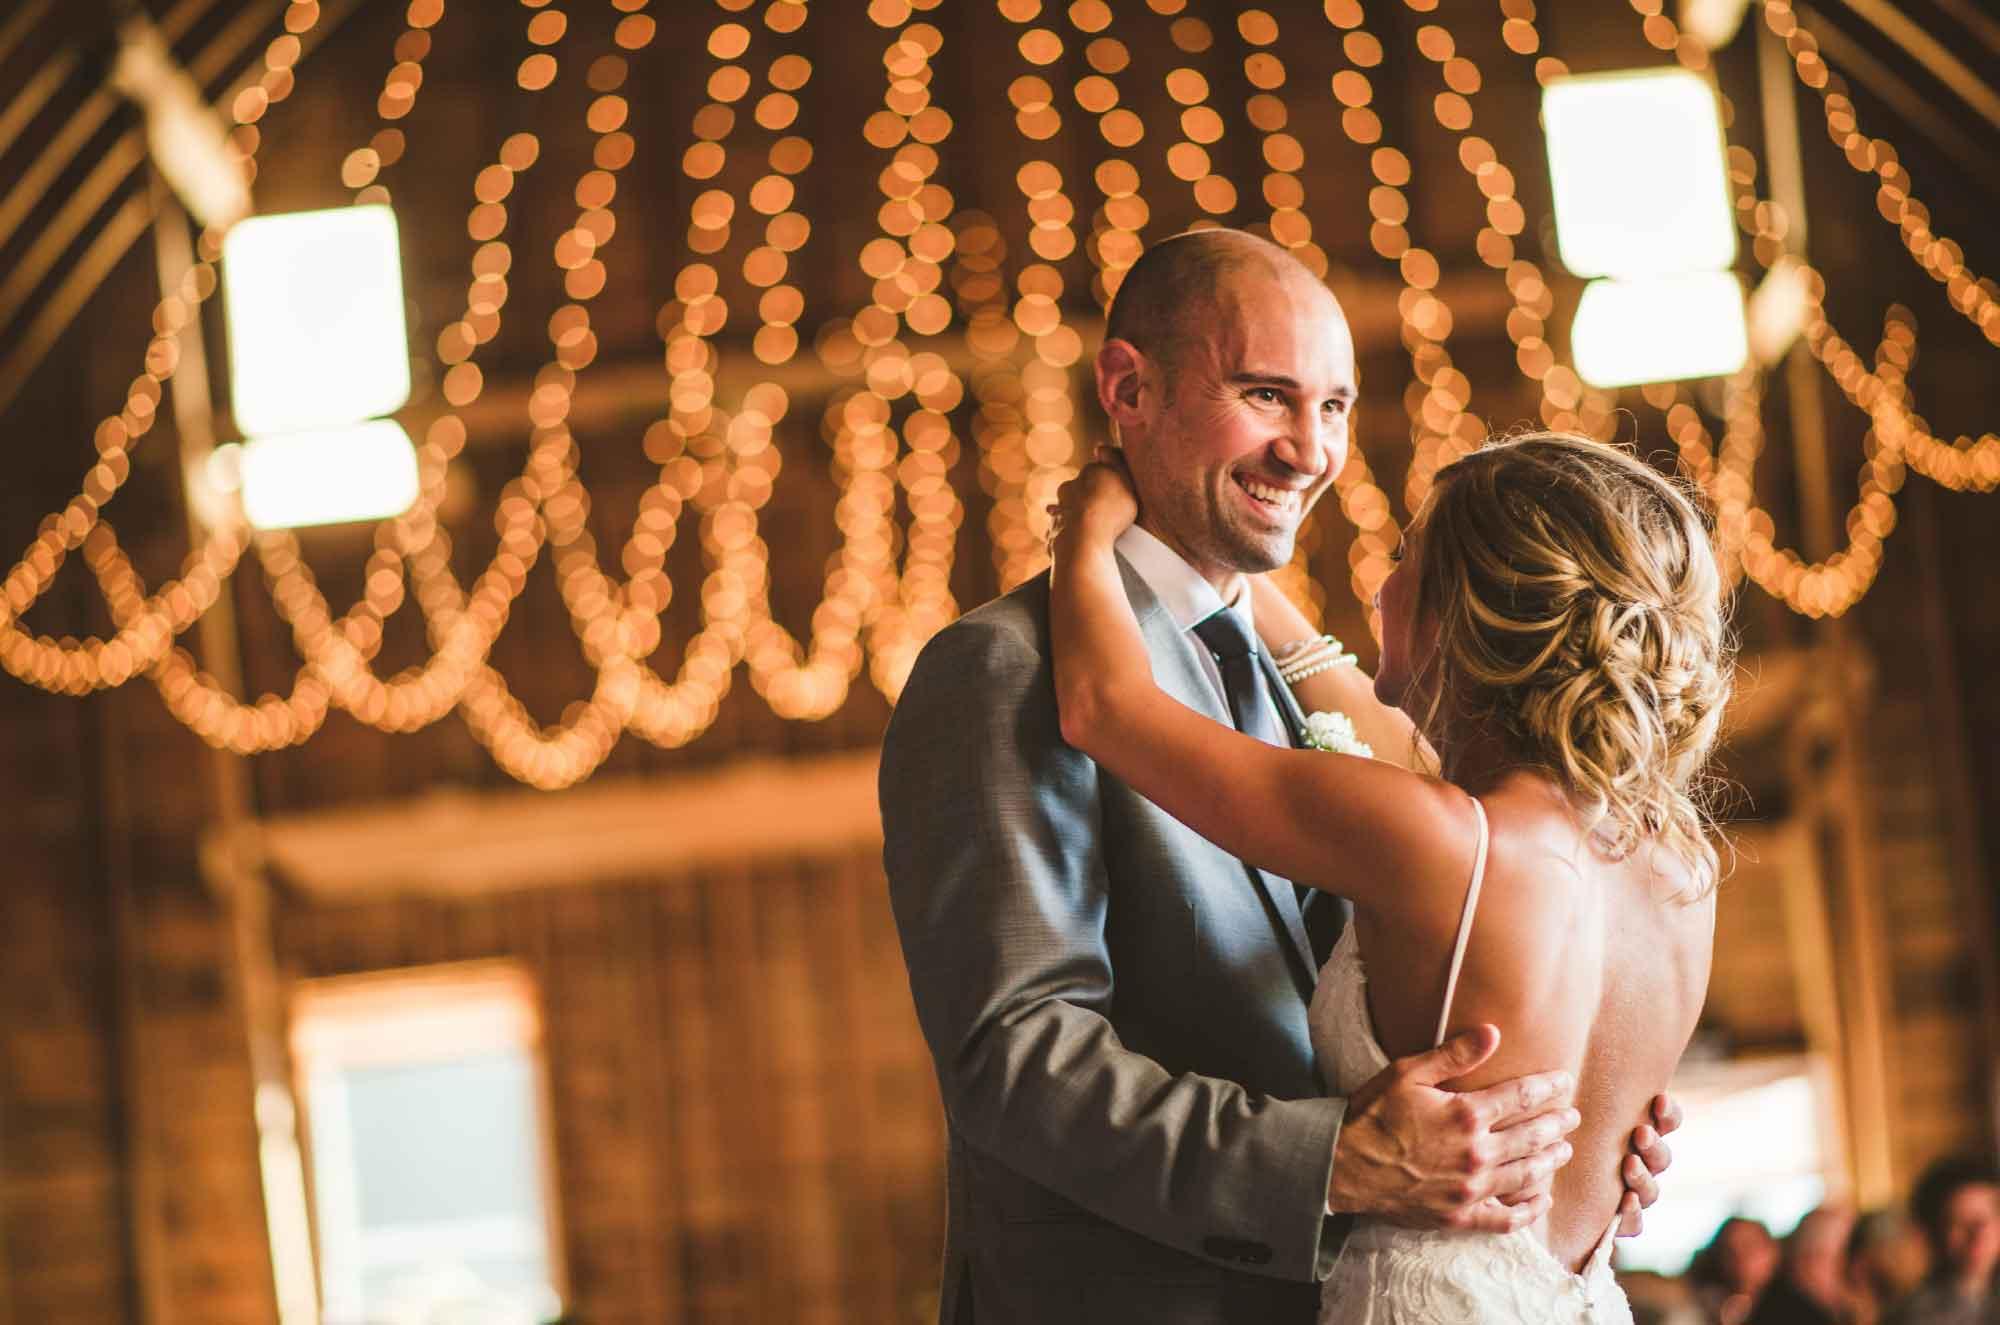 18-wedding-dance-barn-wedding-reception-bramblewood.jpg